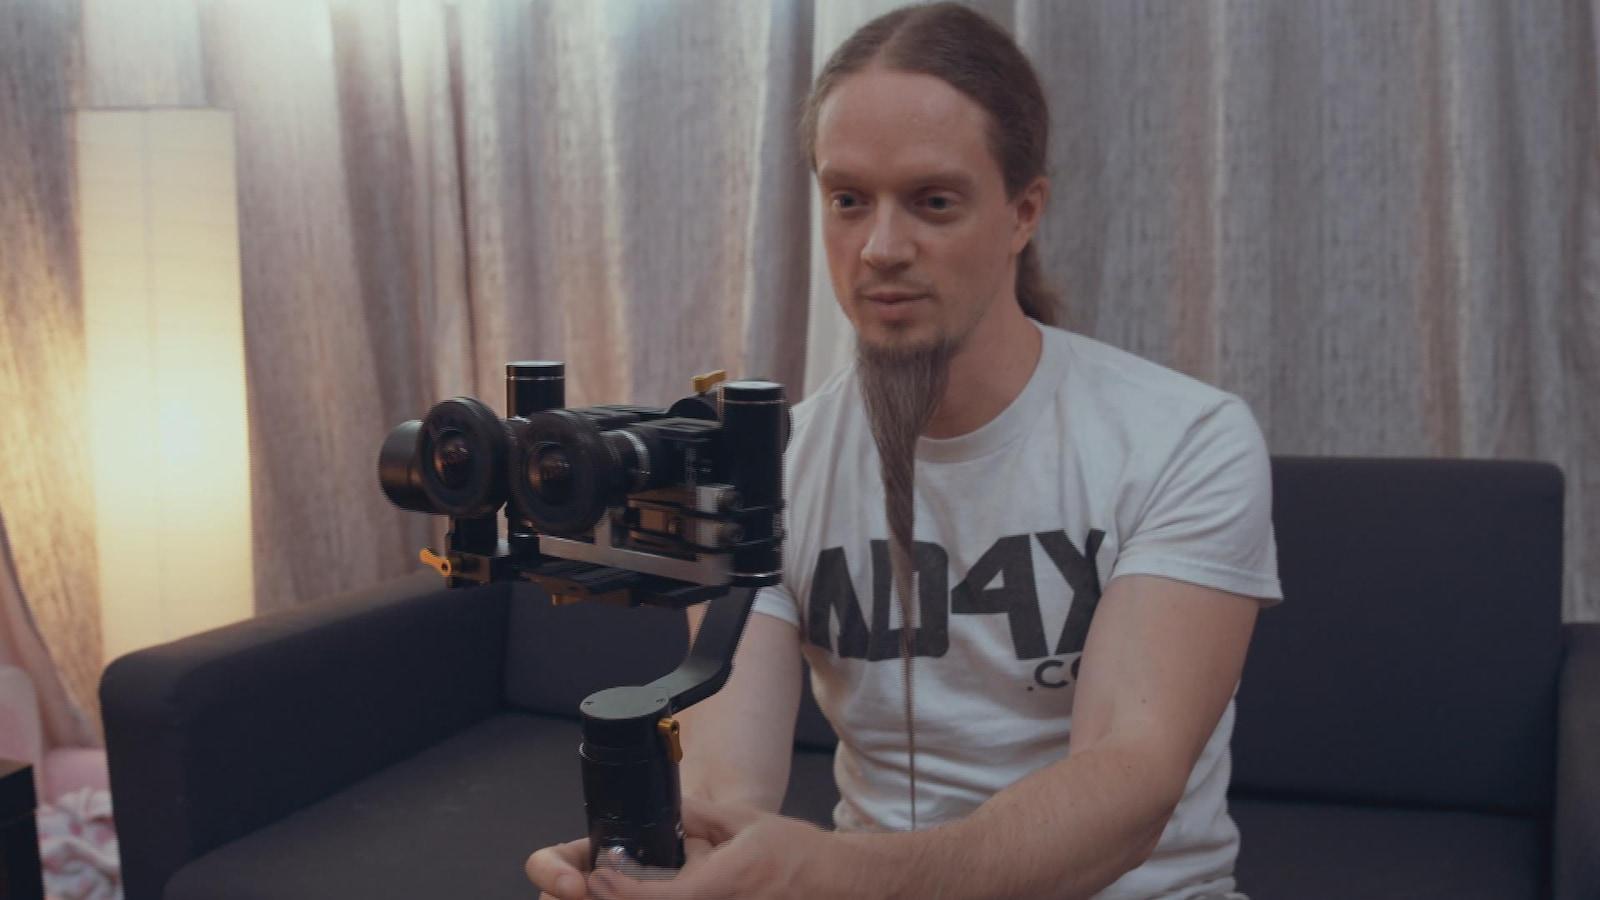 Il opère une caméra qui filme à 180°.